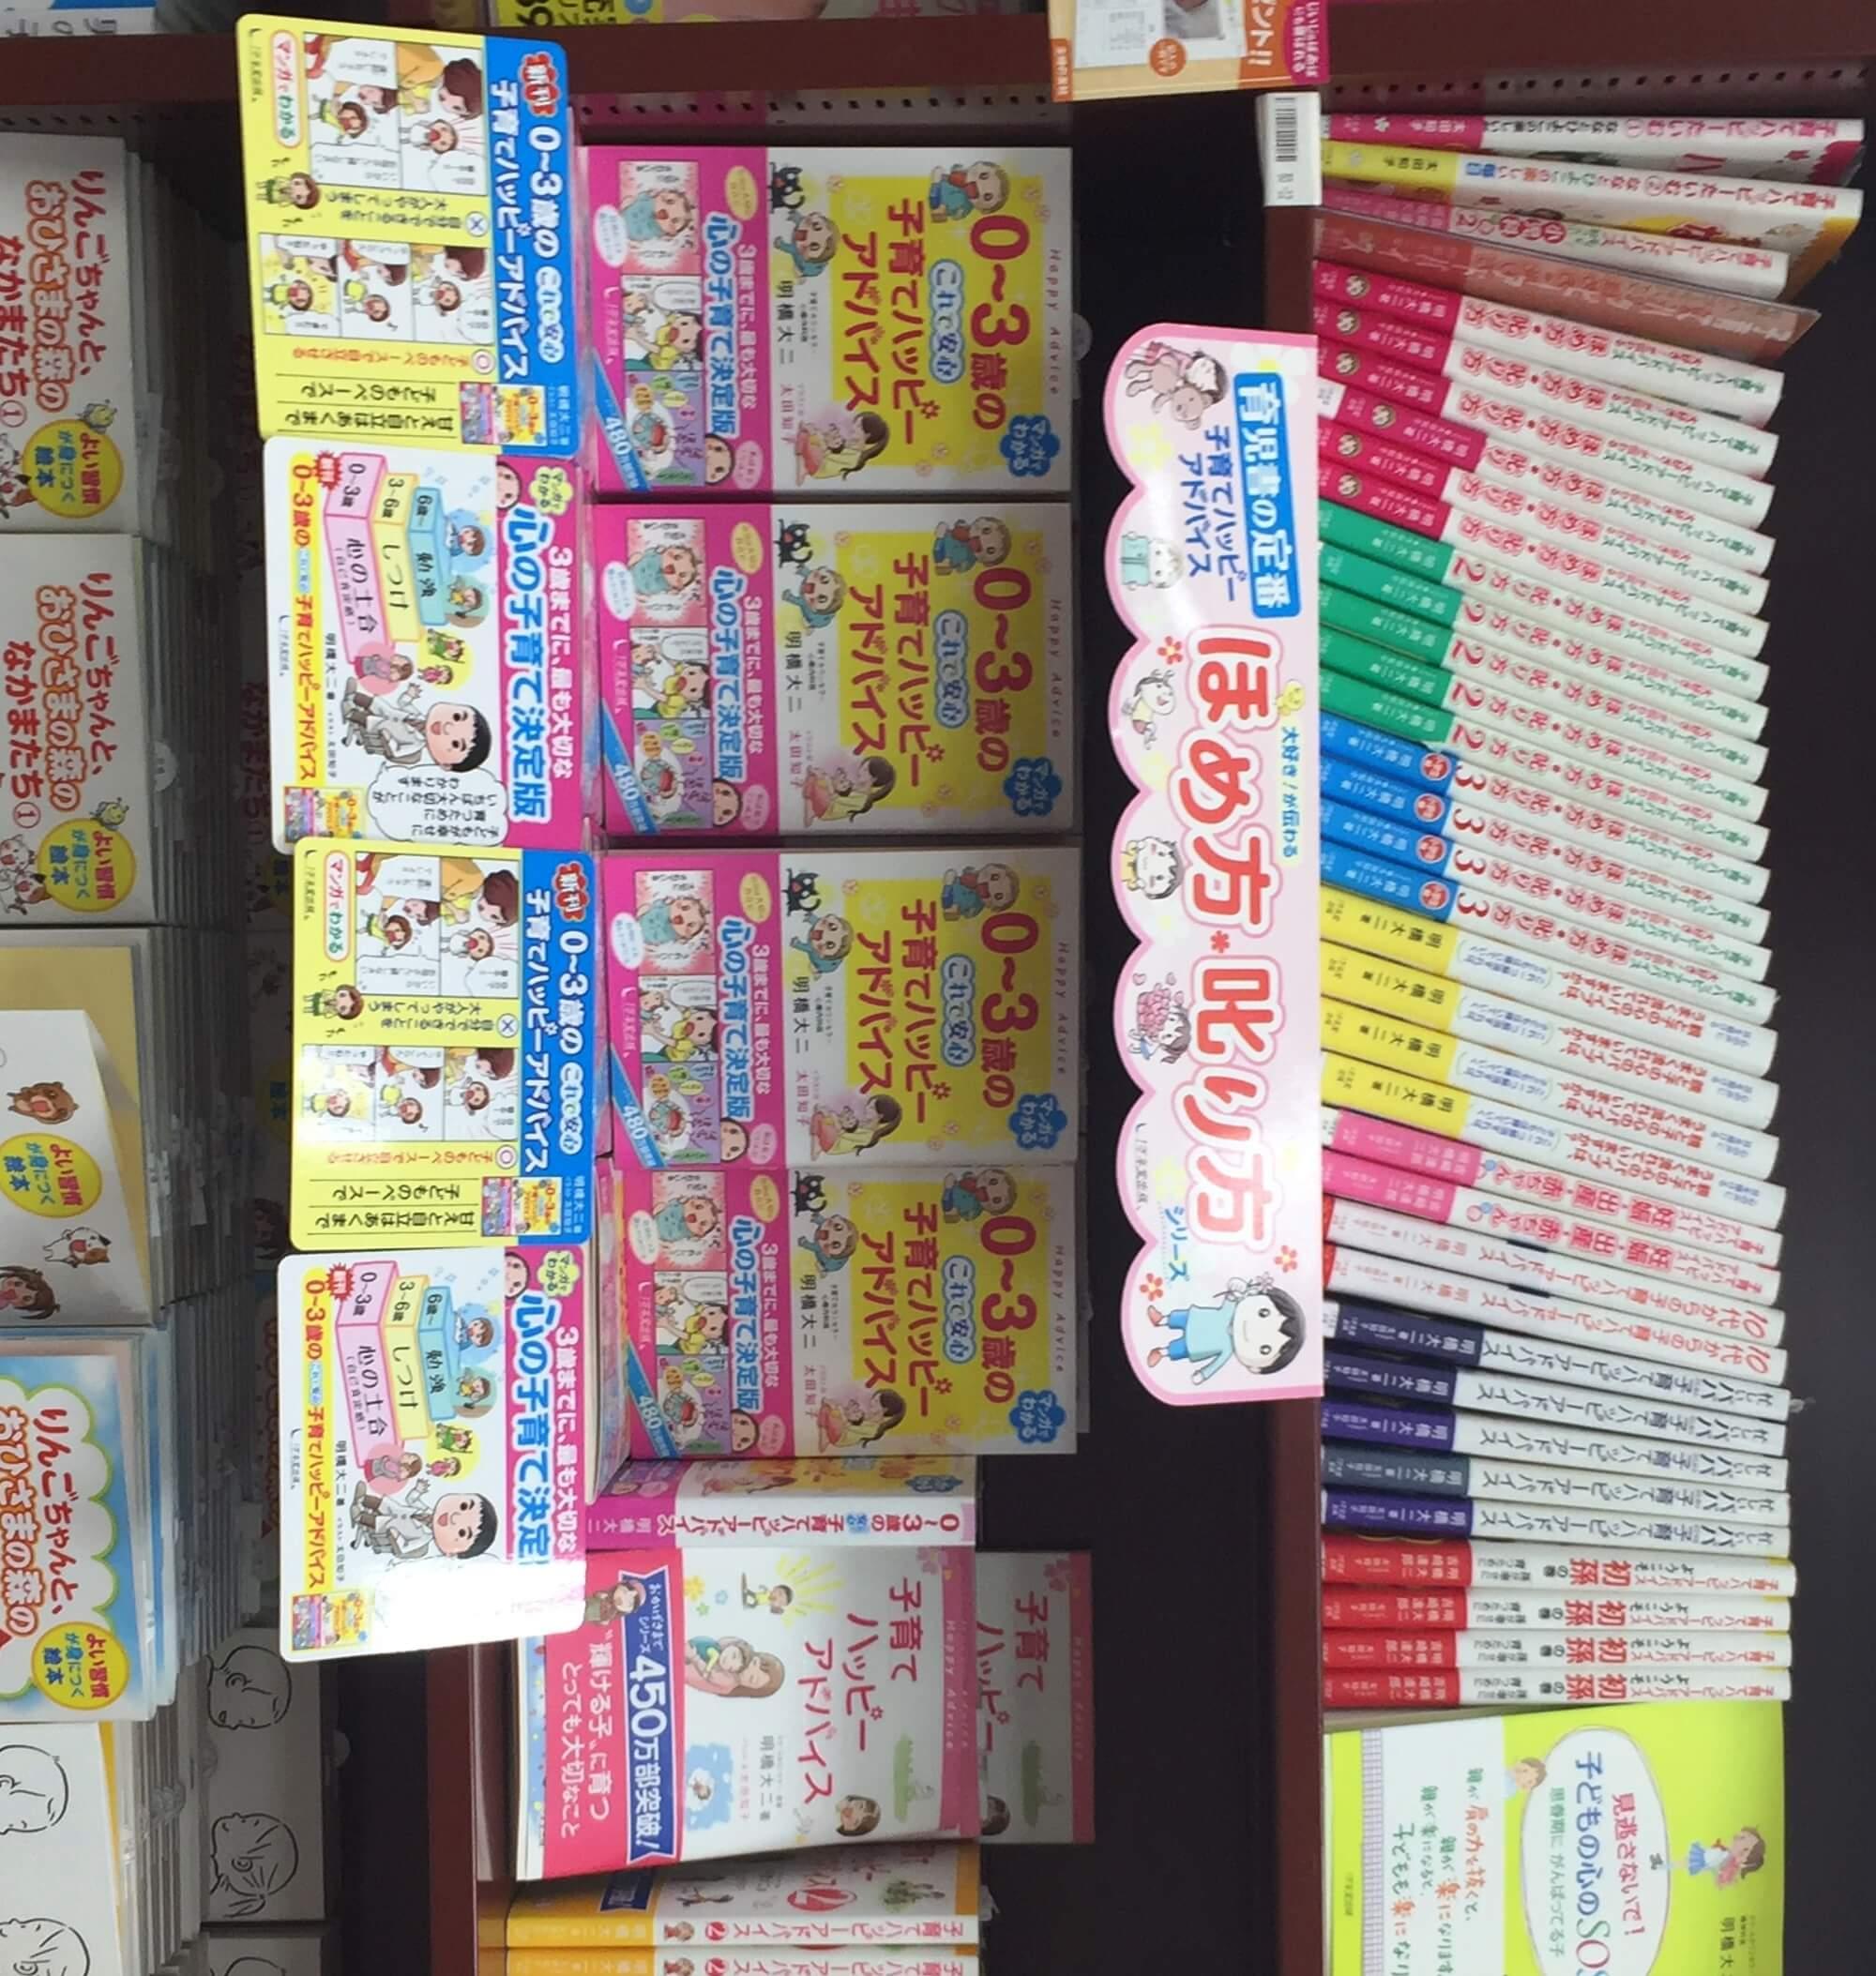 『0~3歳の これで安心 子育てハッピーアドバイス』各書店でランキング入り!の画像2